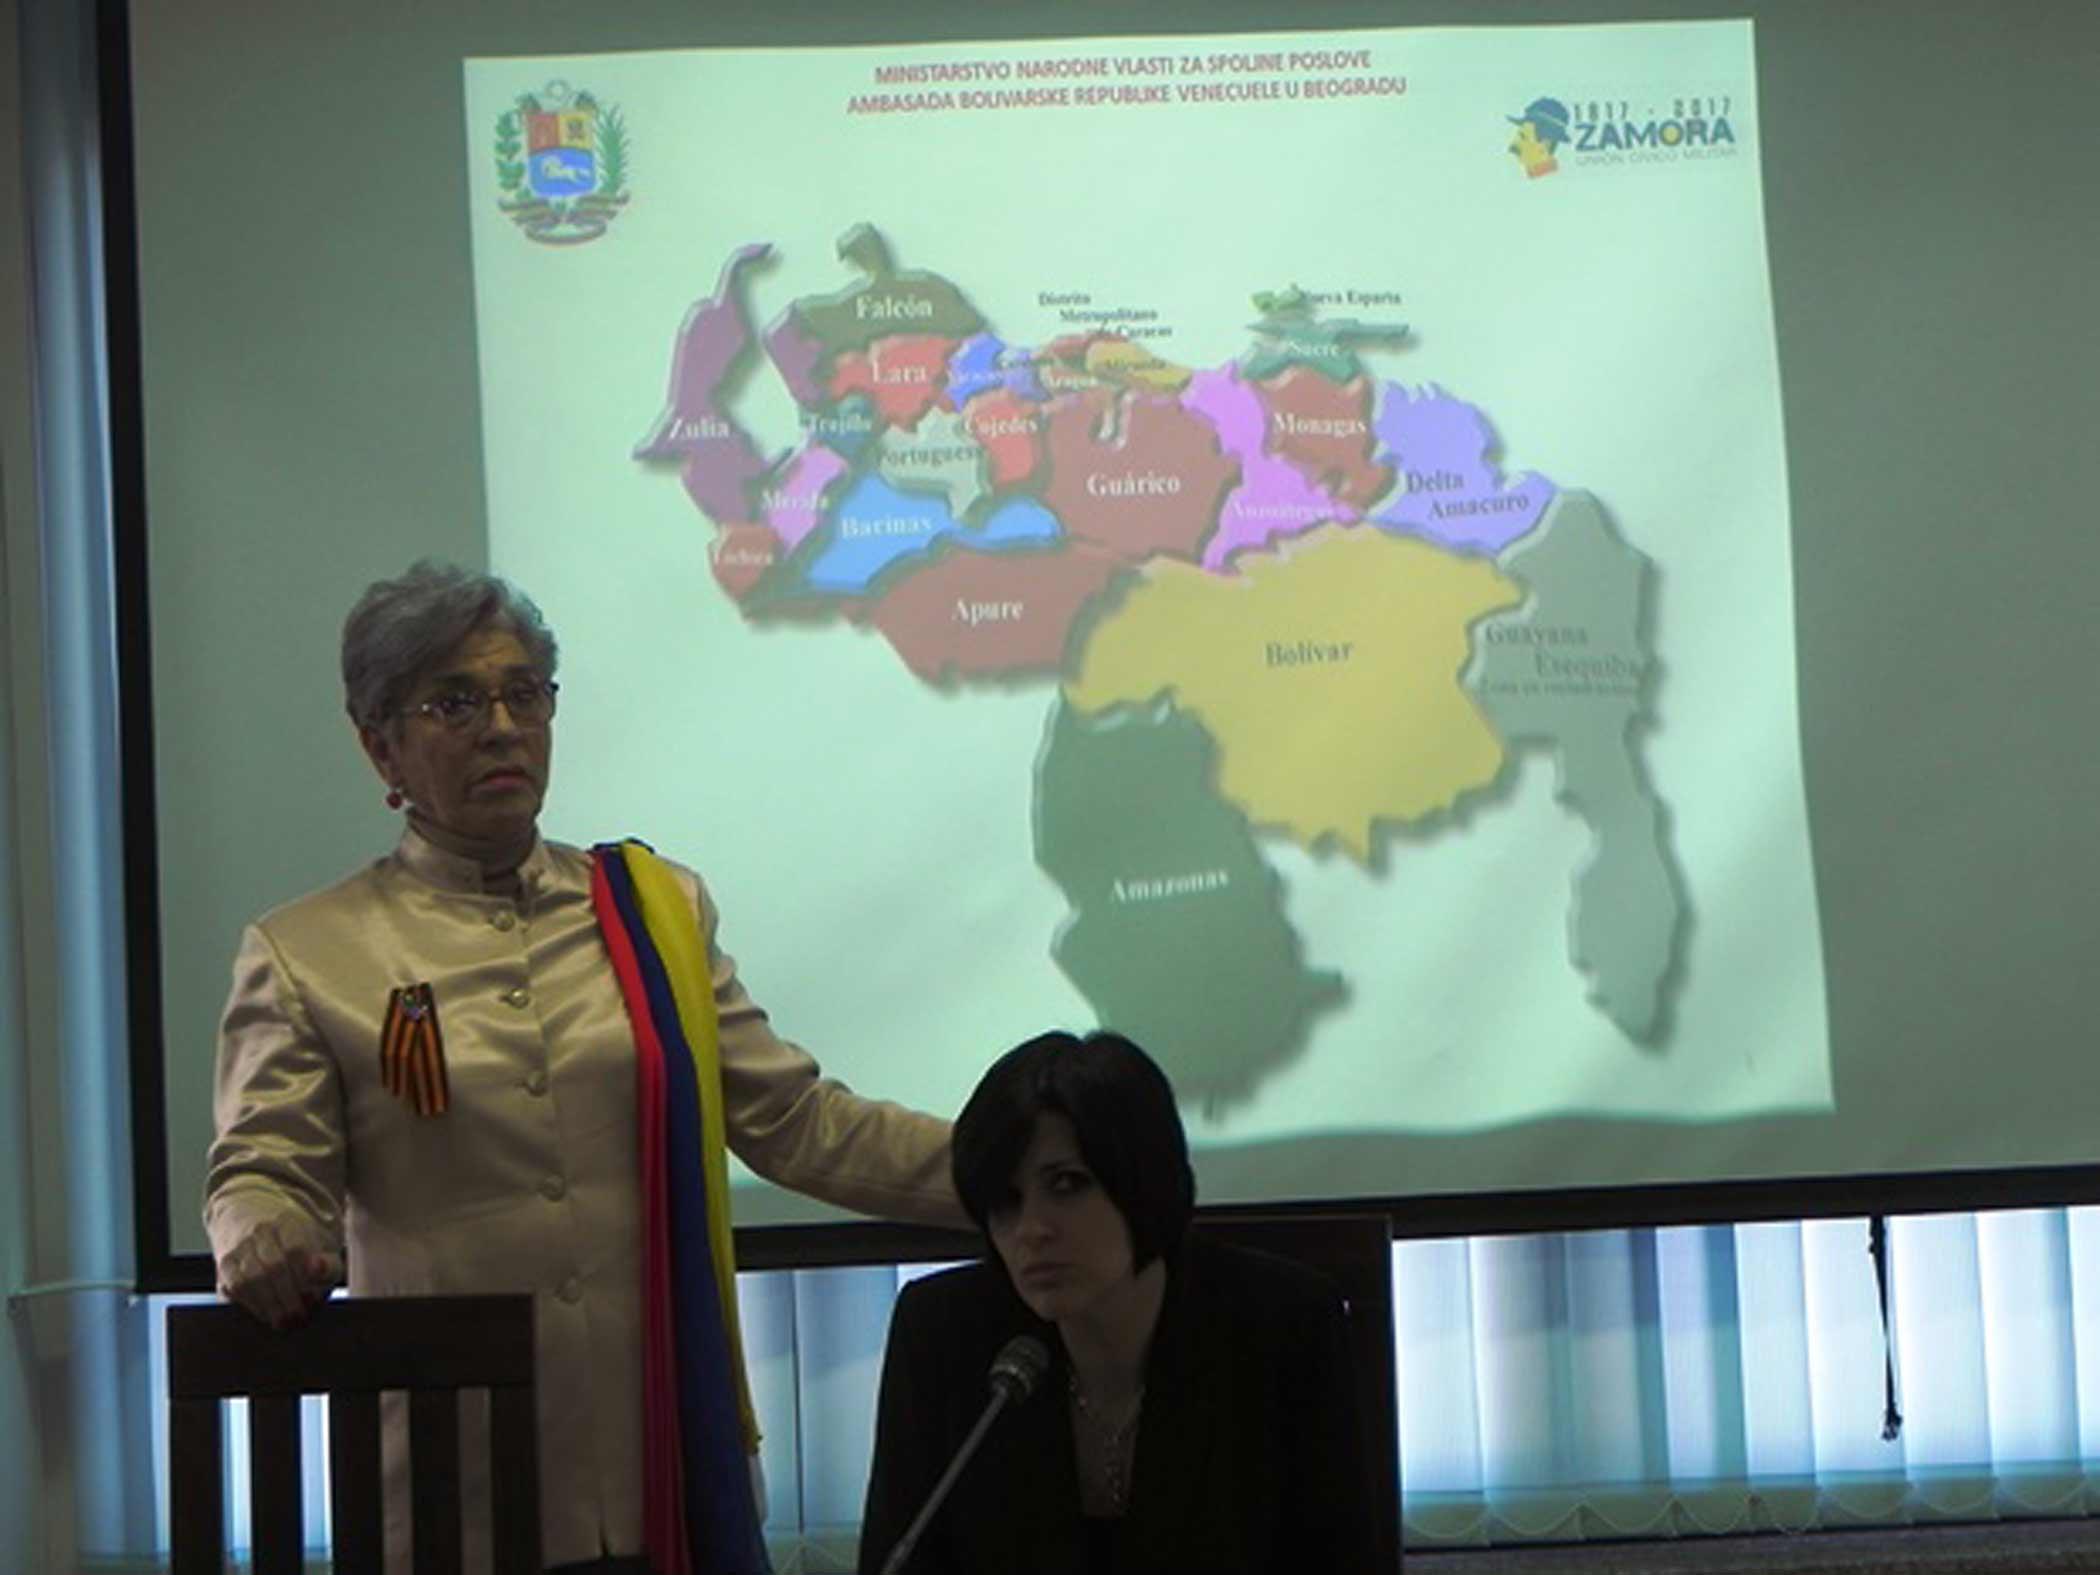 Амбасадор Венецуеле у посјети Правном факултету